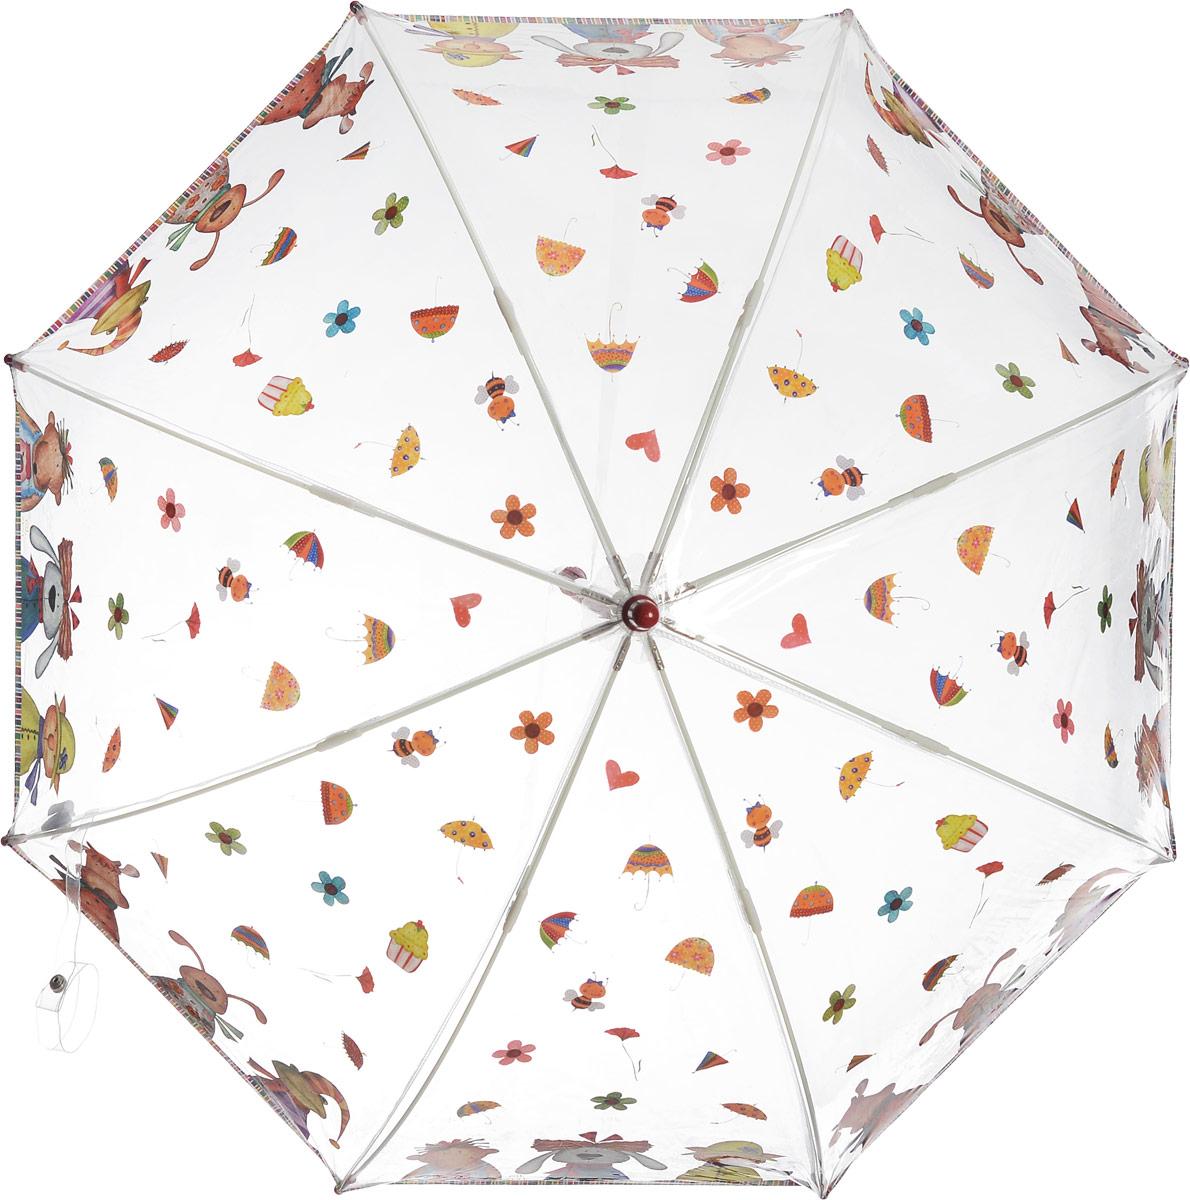 Зонт-трость детский Zest механический, цвет: прозрачный, оливковый. 51510-05K50K502473_0010Детский зонт-трость Zest выполнен из металла и пластика. Каркас зонта выполнен из восьми спиц, стержень из стали. На концах спиц предусмотрены пластиковые элементы, которые защитят малыша от травм. Купол зонта изготовлен прочного полиэстера. Закрытый купол застегивается на липучку хлястиком. Практичная глянцевая рукоятка закругленной формы разработана с учетом требований эргономики и выполнена из пластика.Чудесный прозрачный зонтик с изображением красочного рисунка на прозрачном куполе. Эта очень позитивная, прочная в применении модель обязательно понравится вашему ребенку.